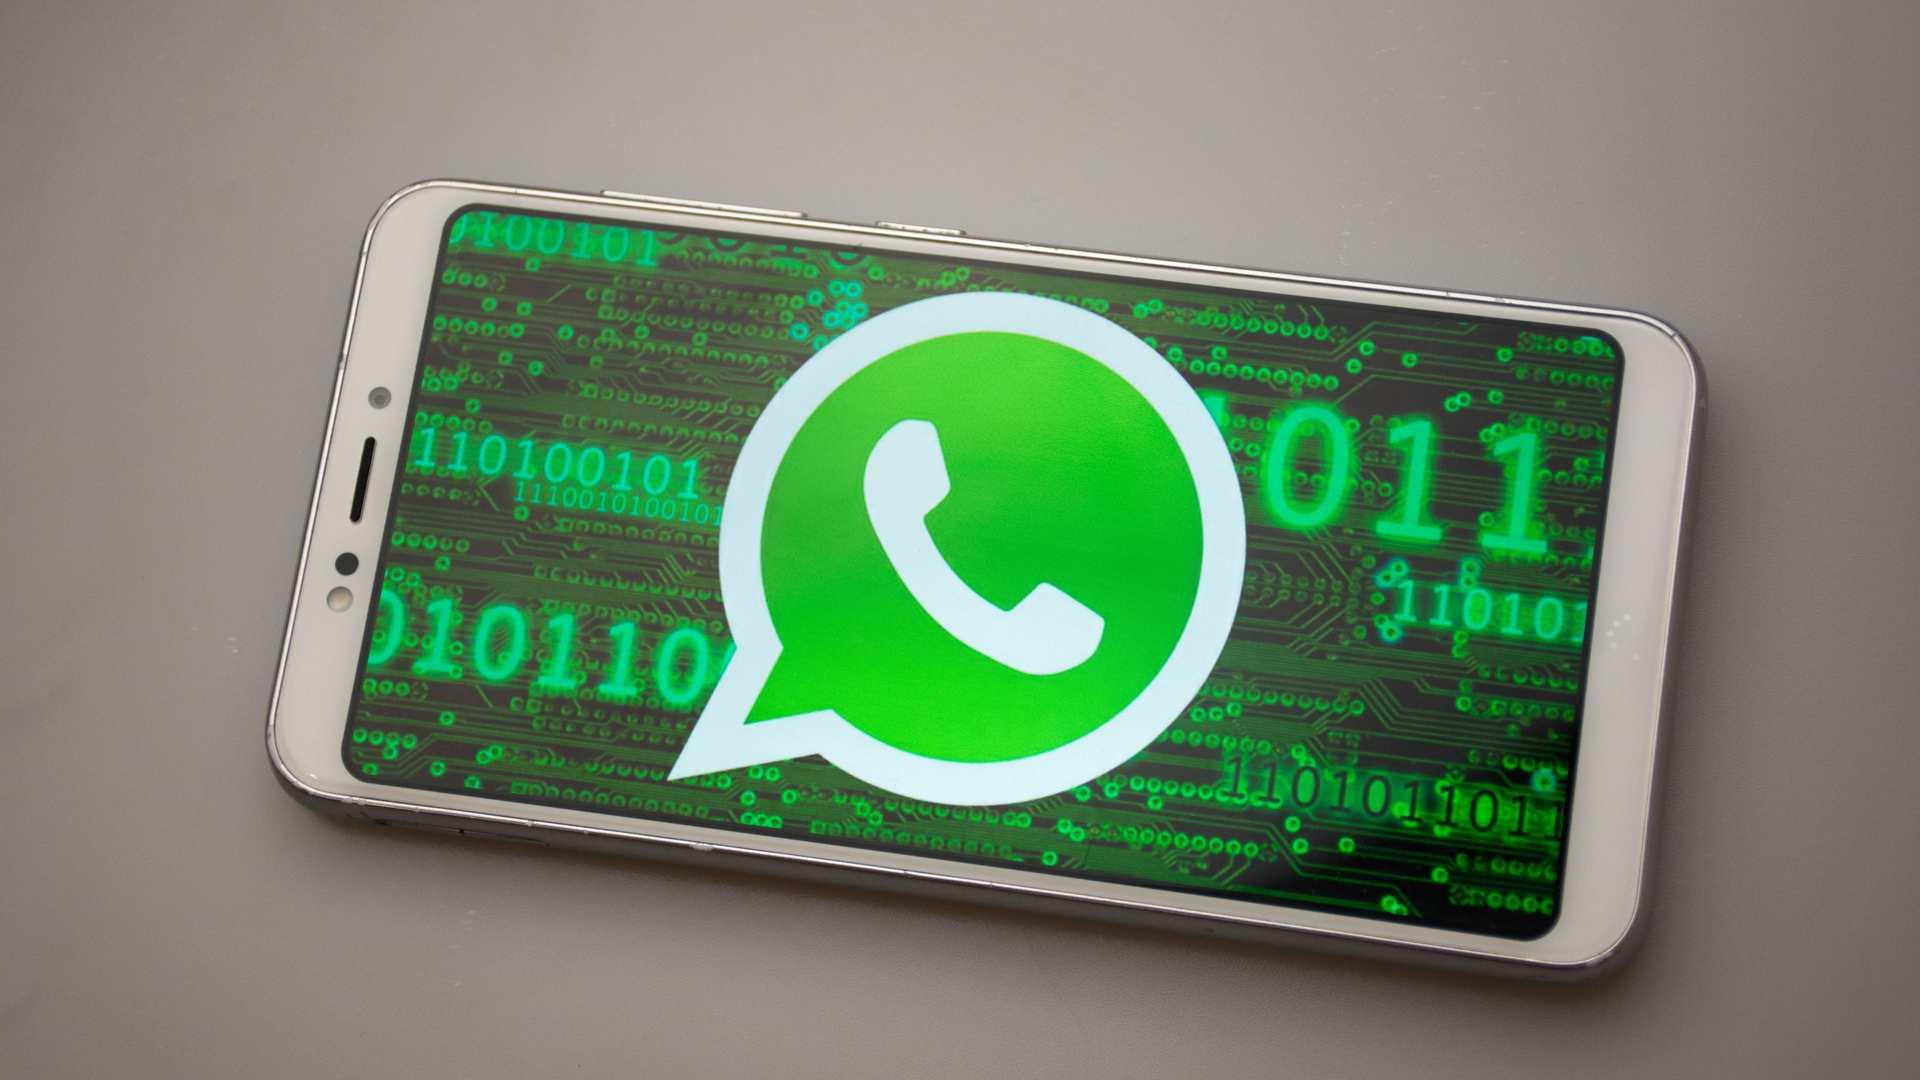 Celular com ícone do WhatsApp na tela, com códigos binários em verde ao fundo